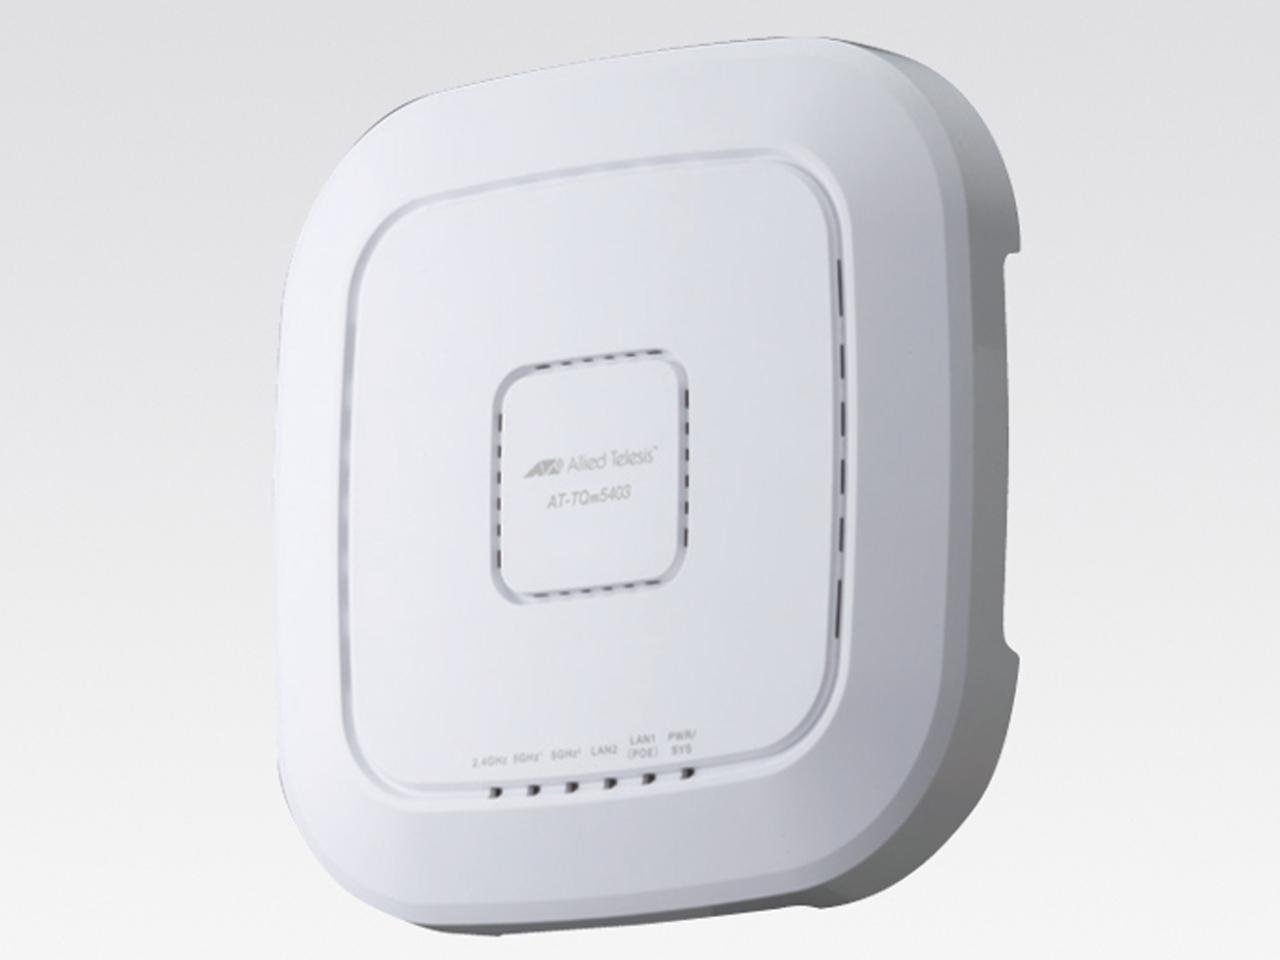 アライドテレシス AT-TQm5403-Z7 [IEEE802.11a/b/g/n/ac対応 無線LANアクセスポイント、10/100/1000BASE-Tx1、10/100/1000BASE-T(PoE-IN)x1(デリバリースタンダード保守7年付)](3910RZ7)【smtb-s】